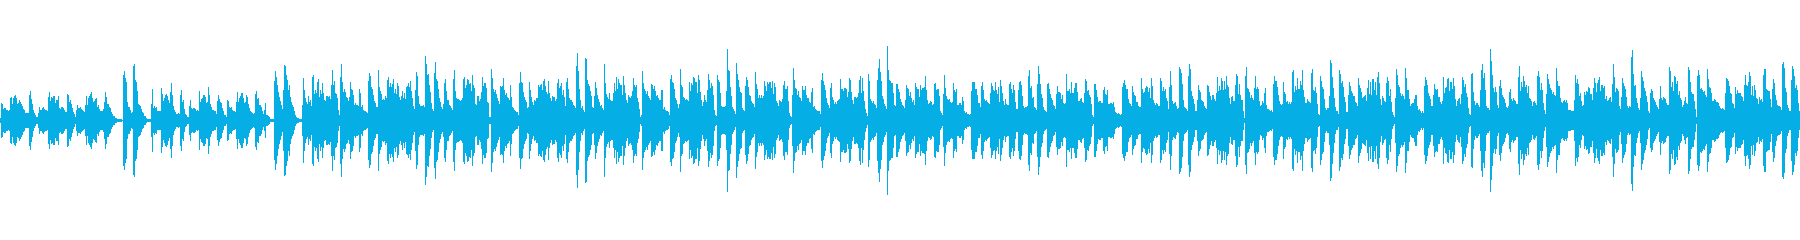 弾力のあるラグタイム/バーレスク、...の再生済みの波形